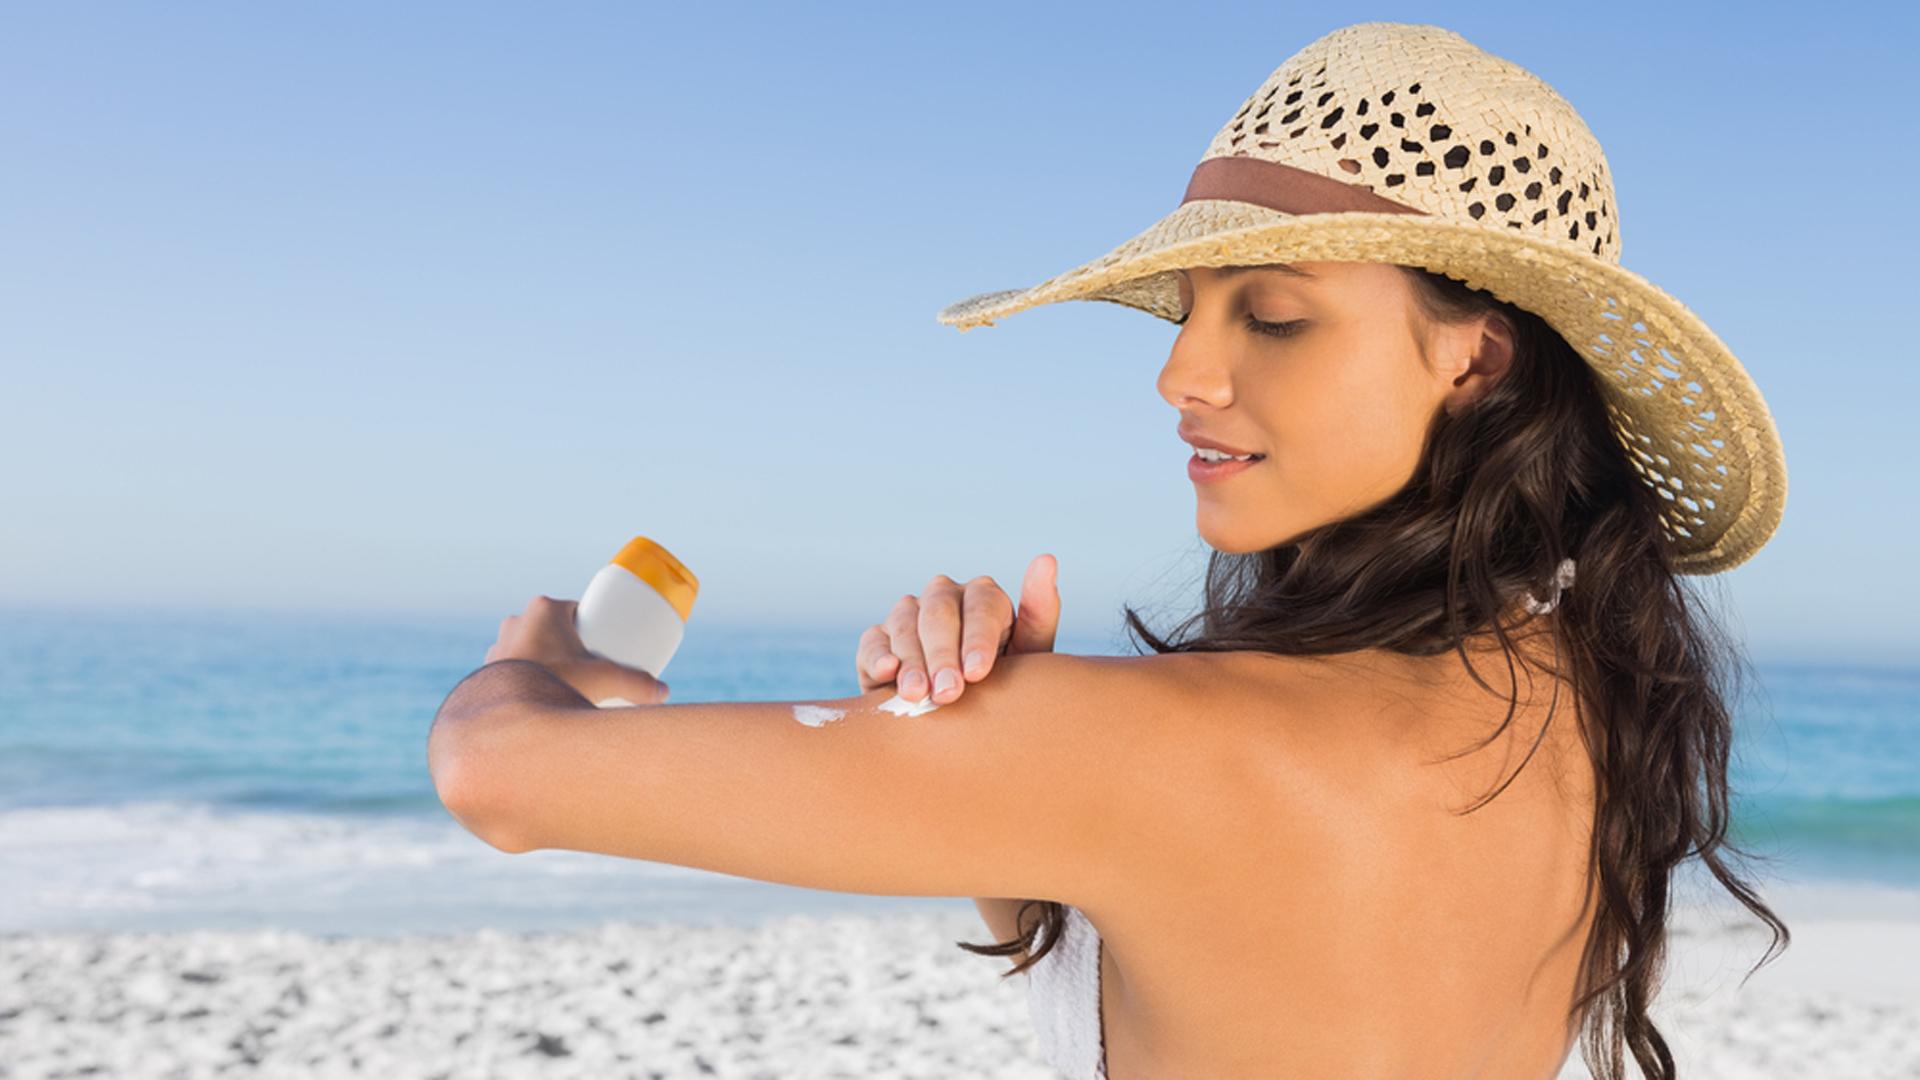 Cremas faciales y corporales 3 - Consumidores peruanos gastan menos en cremas faciales y corporales